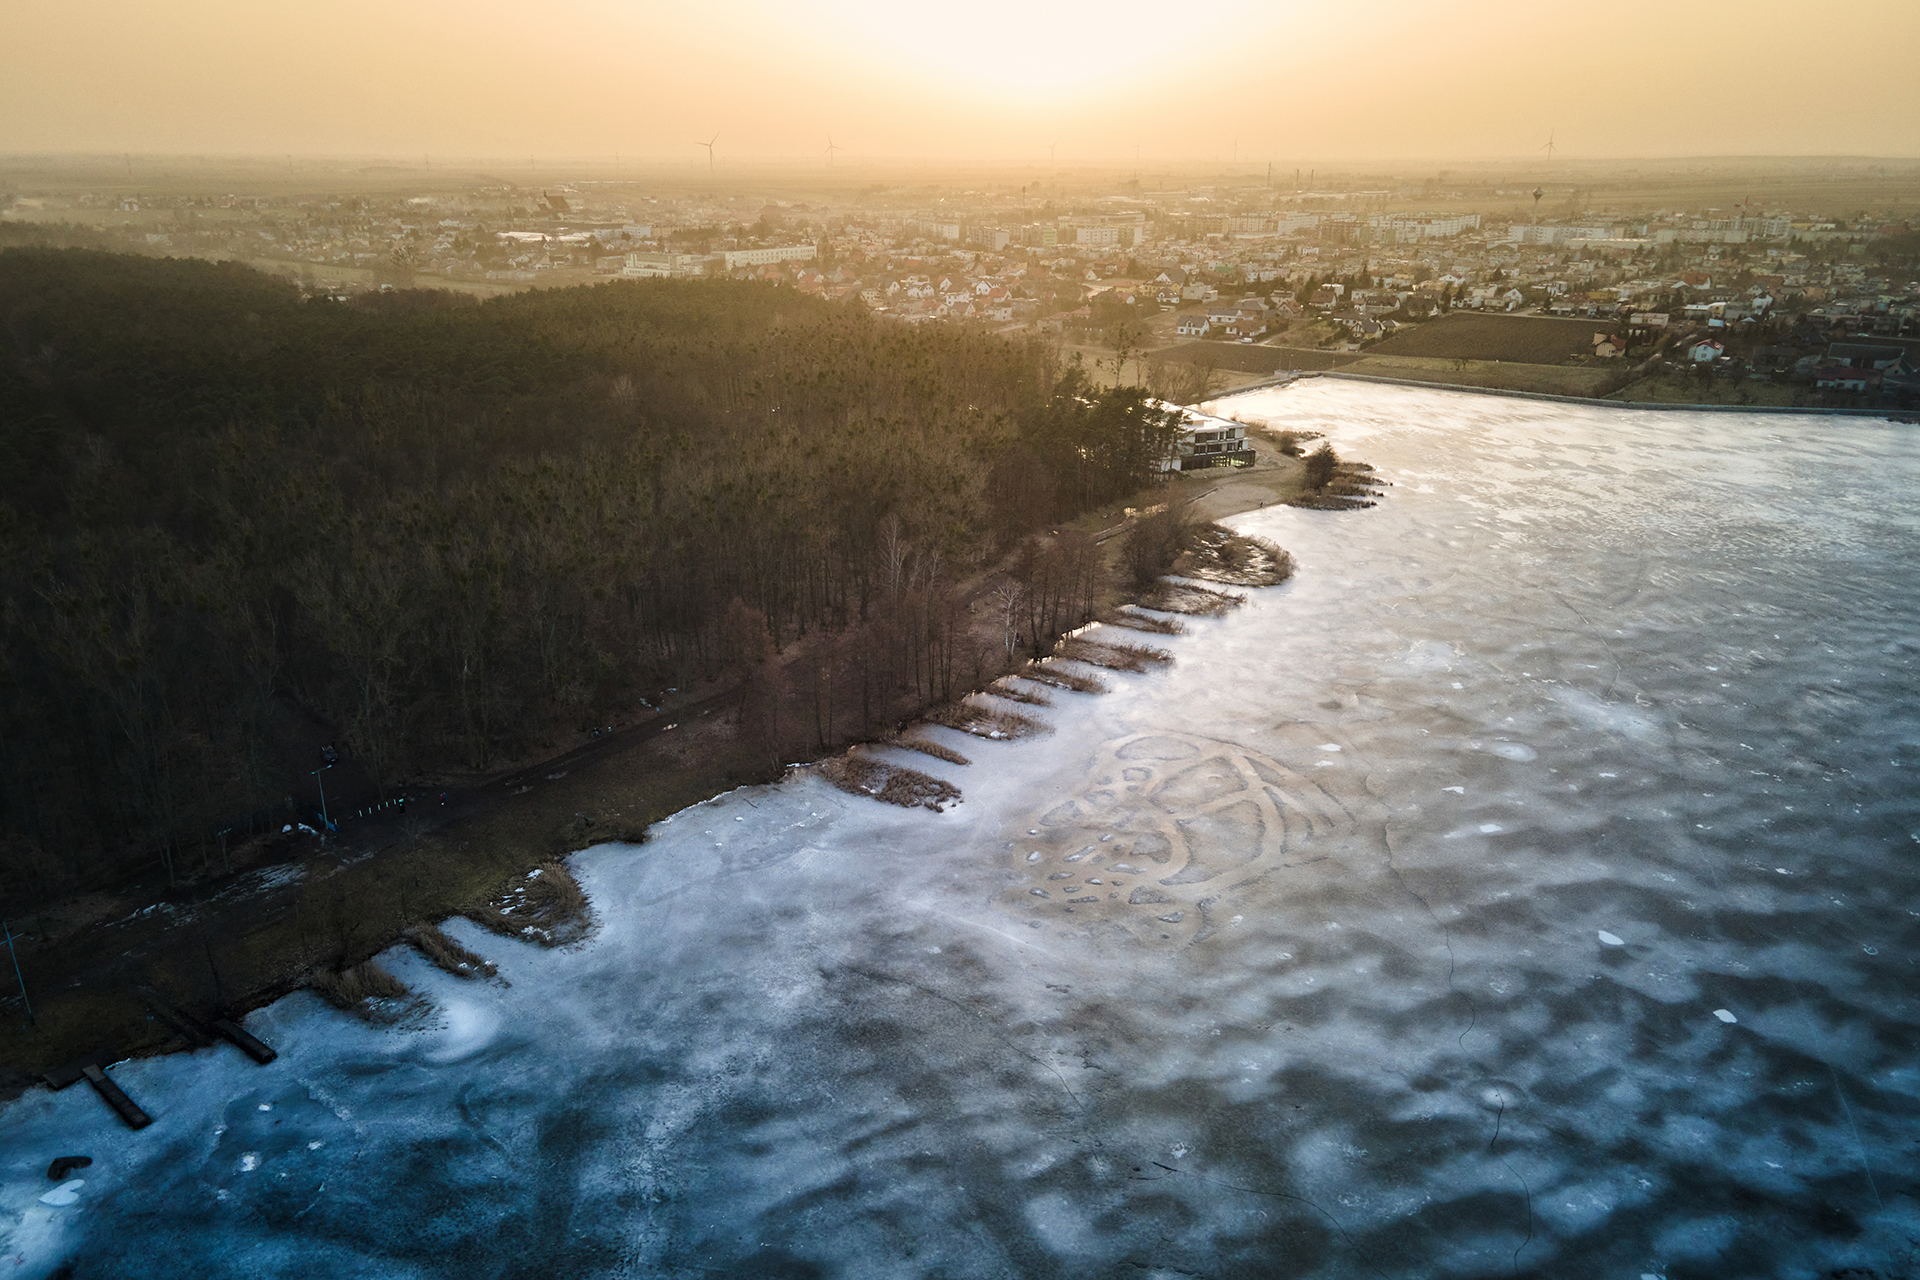 jezioro slupeckie dawidtrojanowski 10 zdjecie wyrozniajace